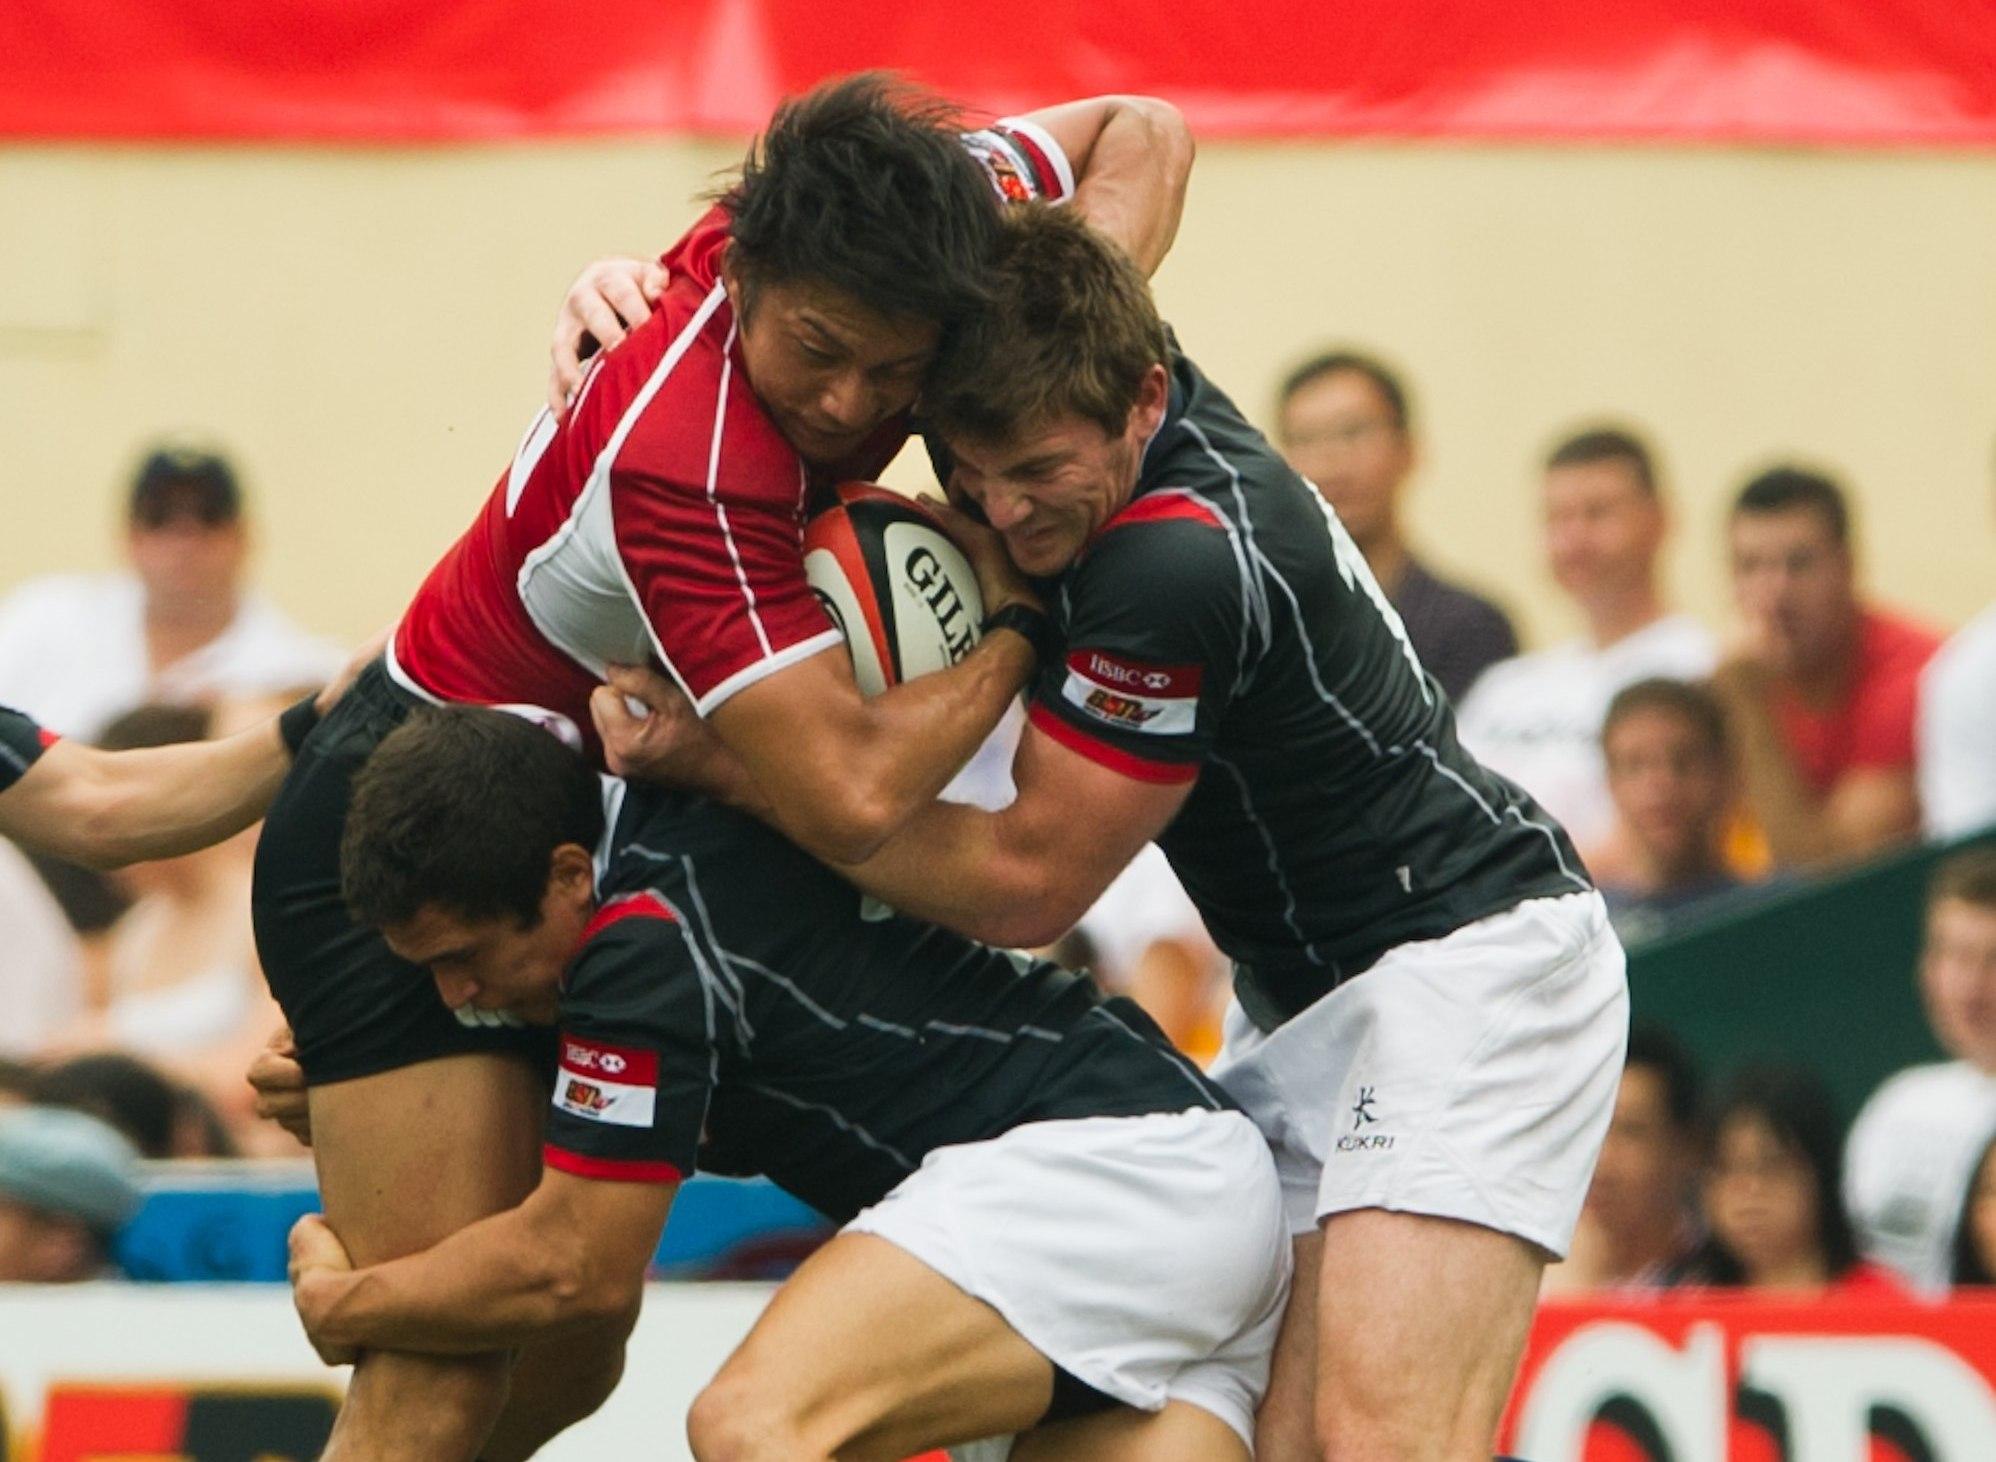 アジア5カ国対抗で香港相手に苦戦した日本代表。W杯に向け良薬となった(写真提供:アジアラグビー協会)